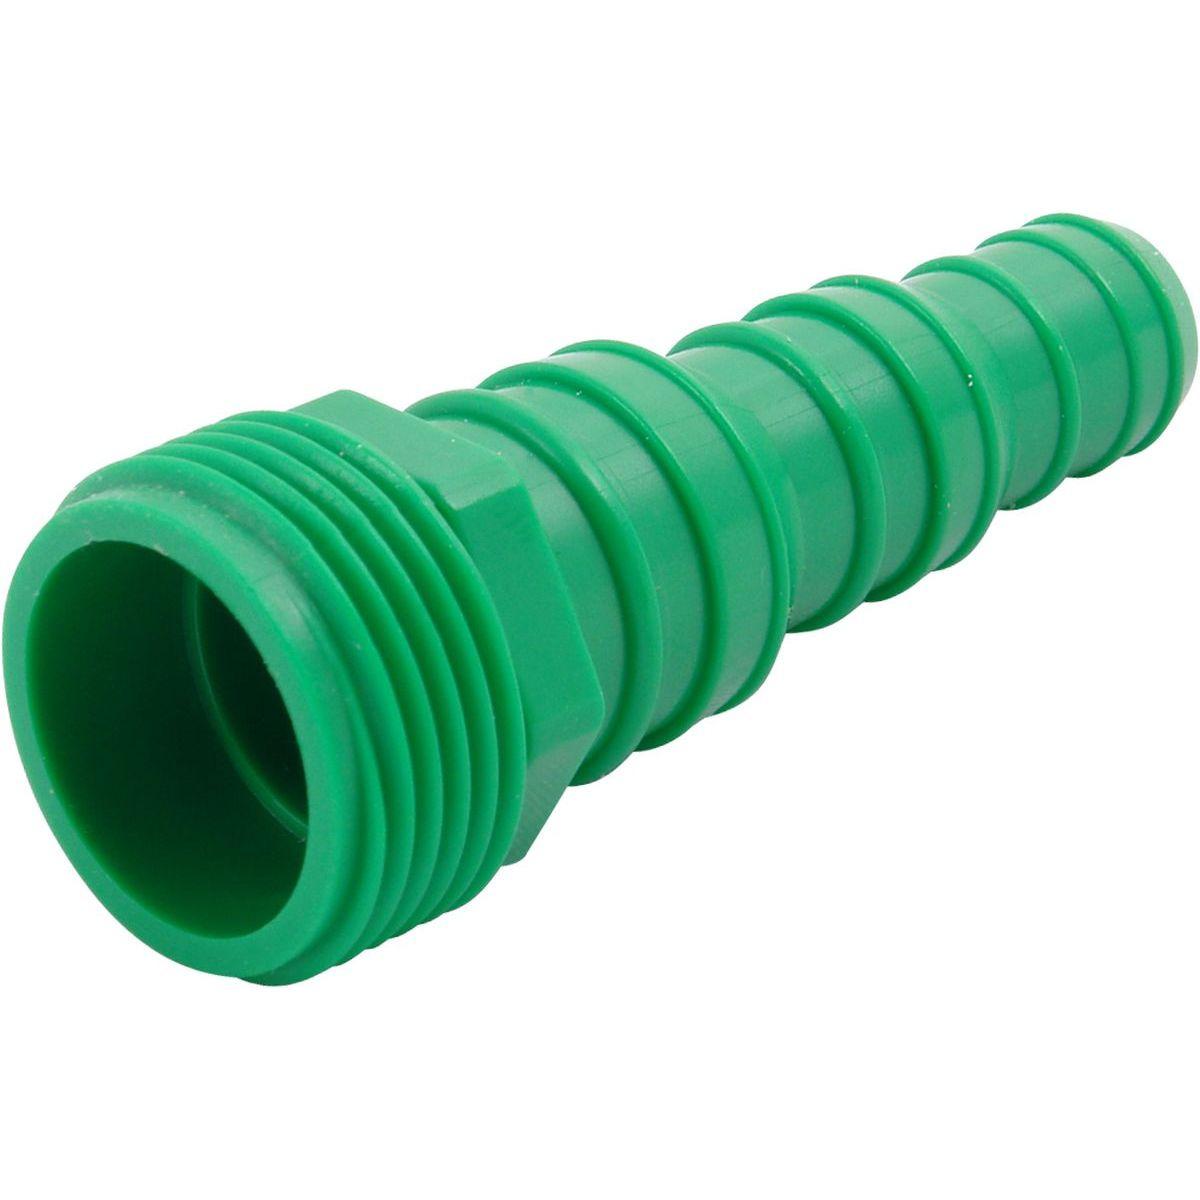 Адаптер поливного шланга Park, универсальный, HL019, зеленый, черный адаптер поливного шланга росток внешний 426355